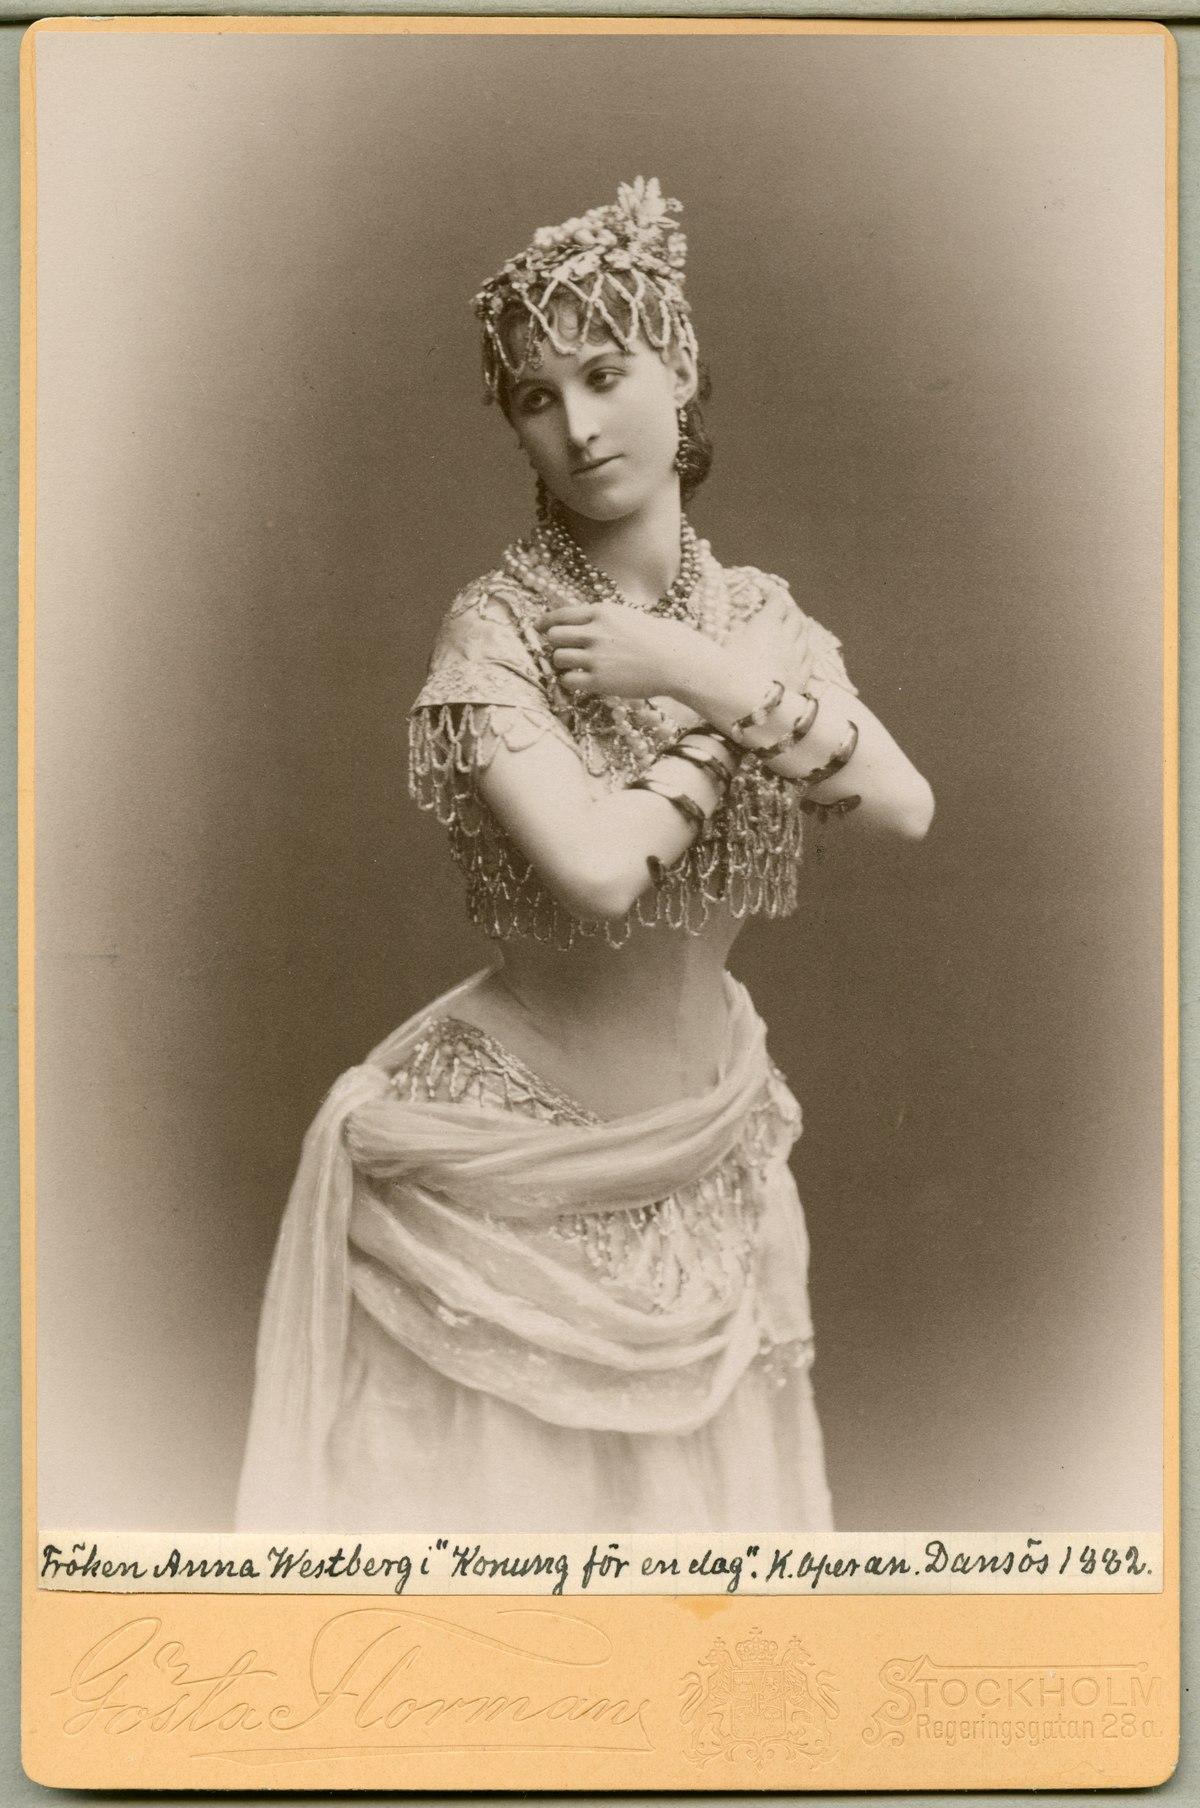 Anna Ballerina